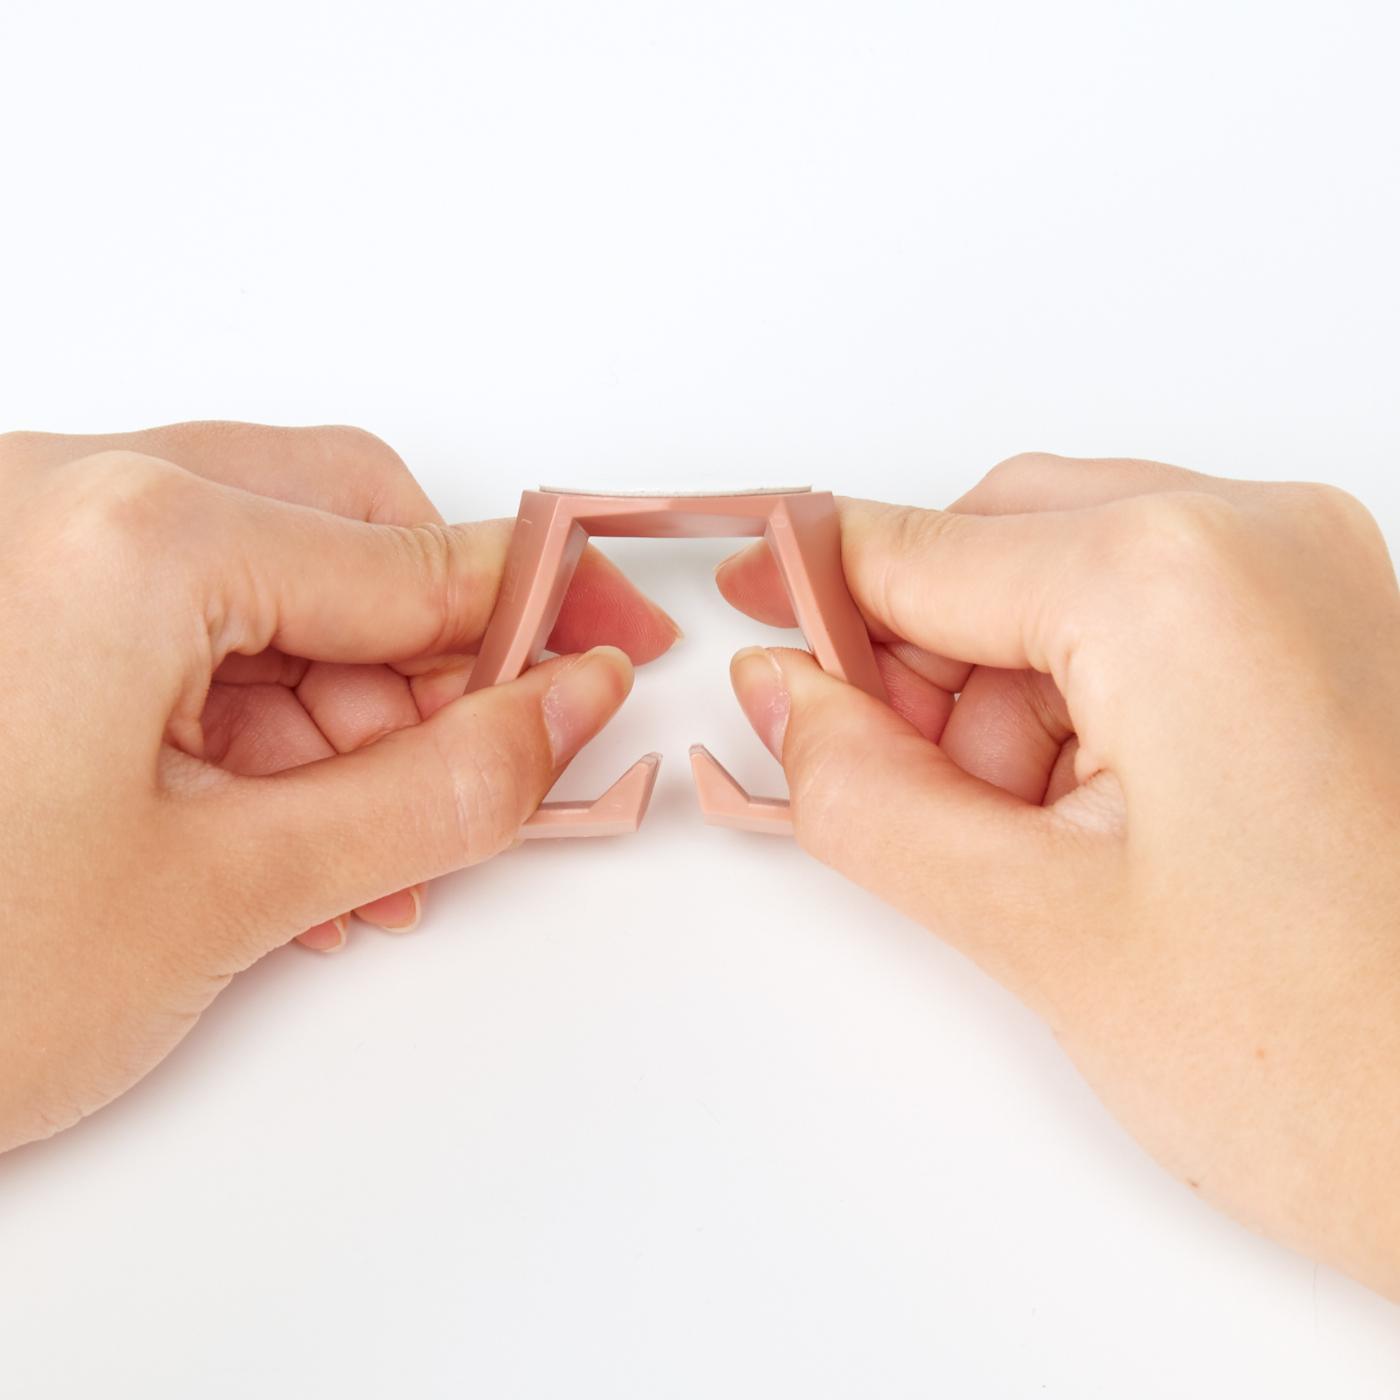 指で簡単に広げられます。